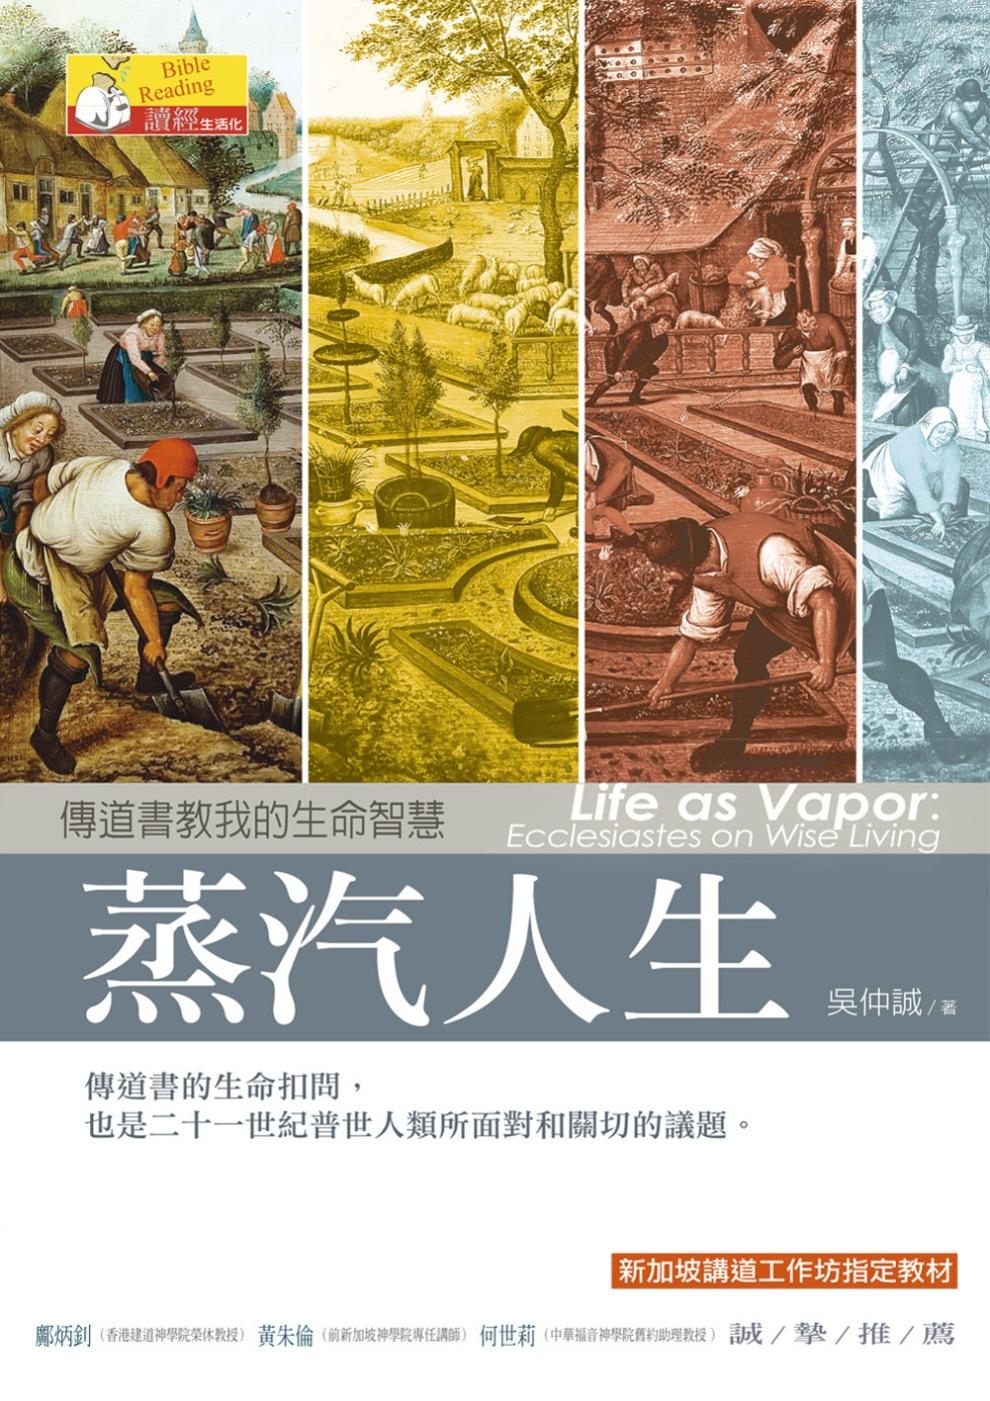 蒸汽人生:傳道書教我的生命智慧